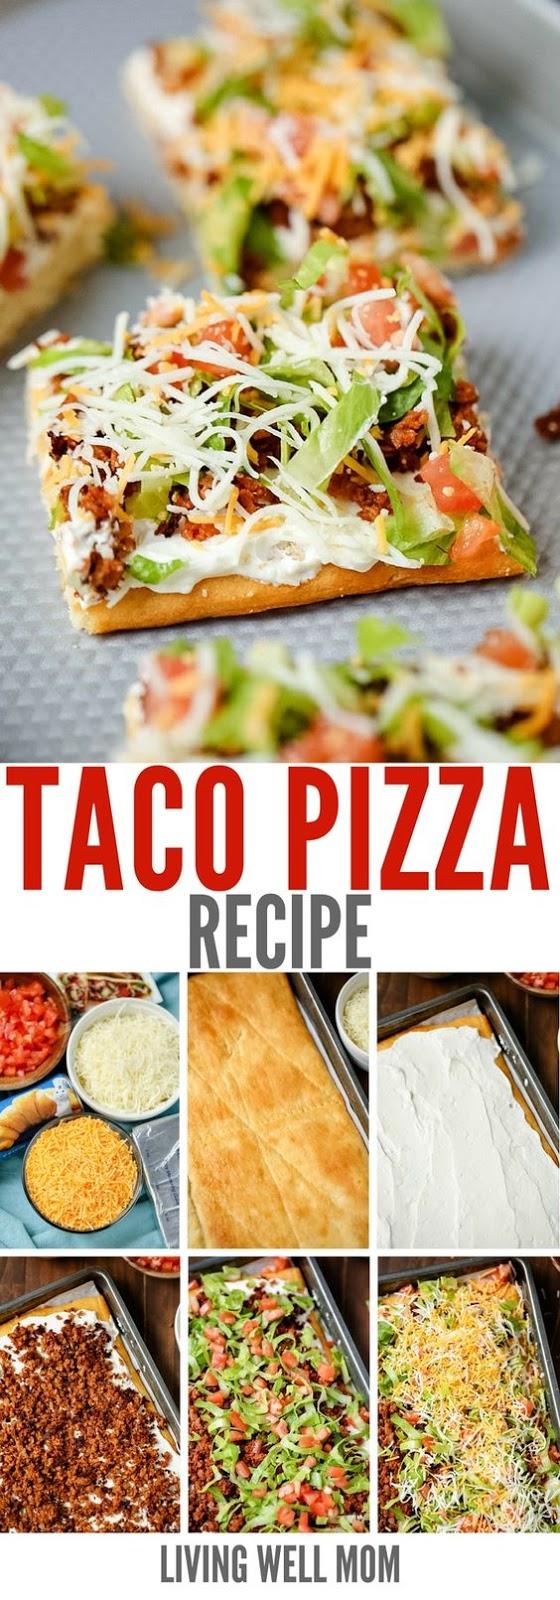 Taco Pizza Recipe #taco #pizza #pizzarecipes #tasty #tastyrecipes #deliciousrecipes